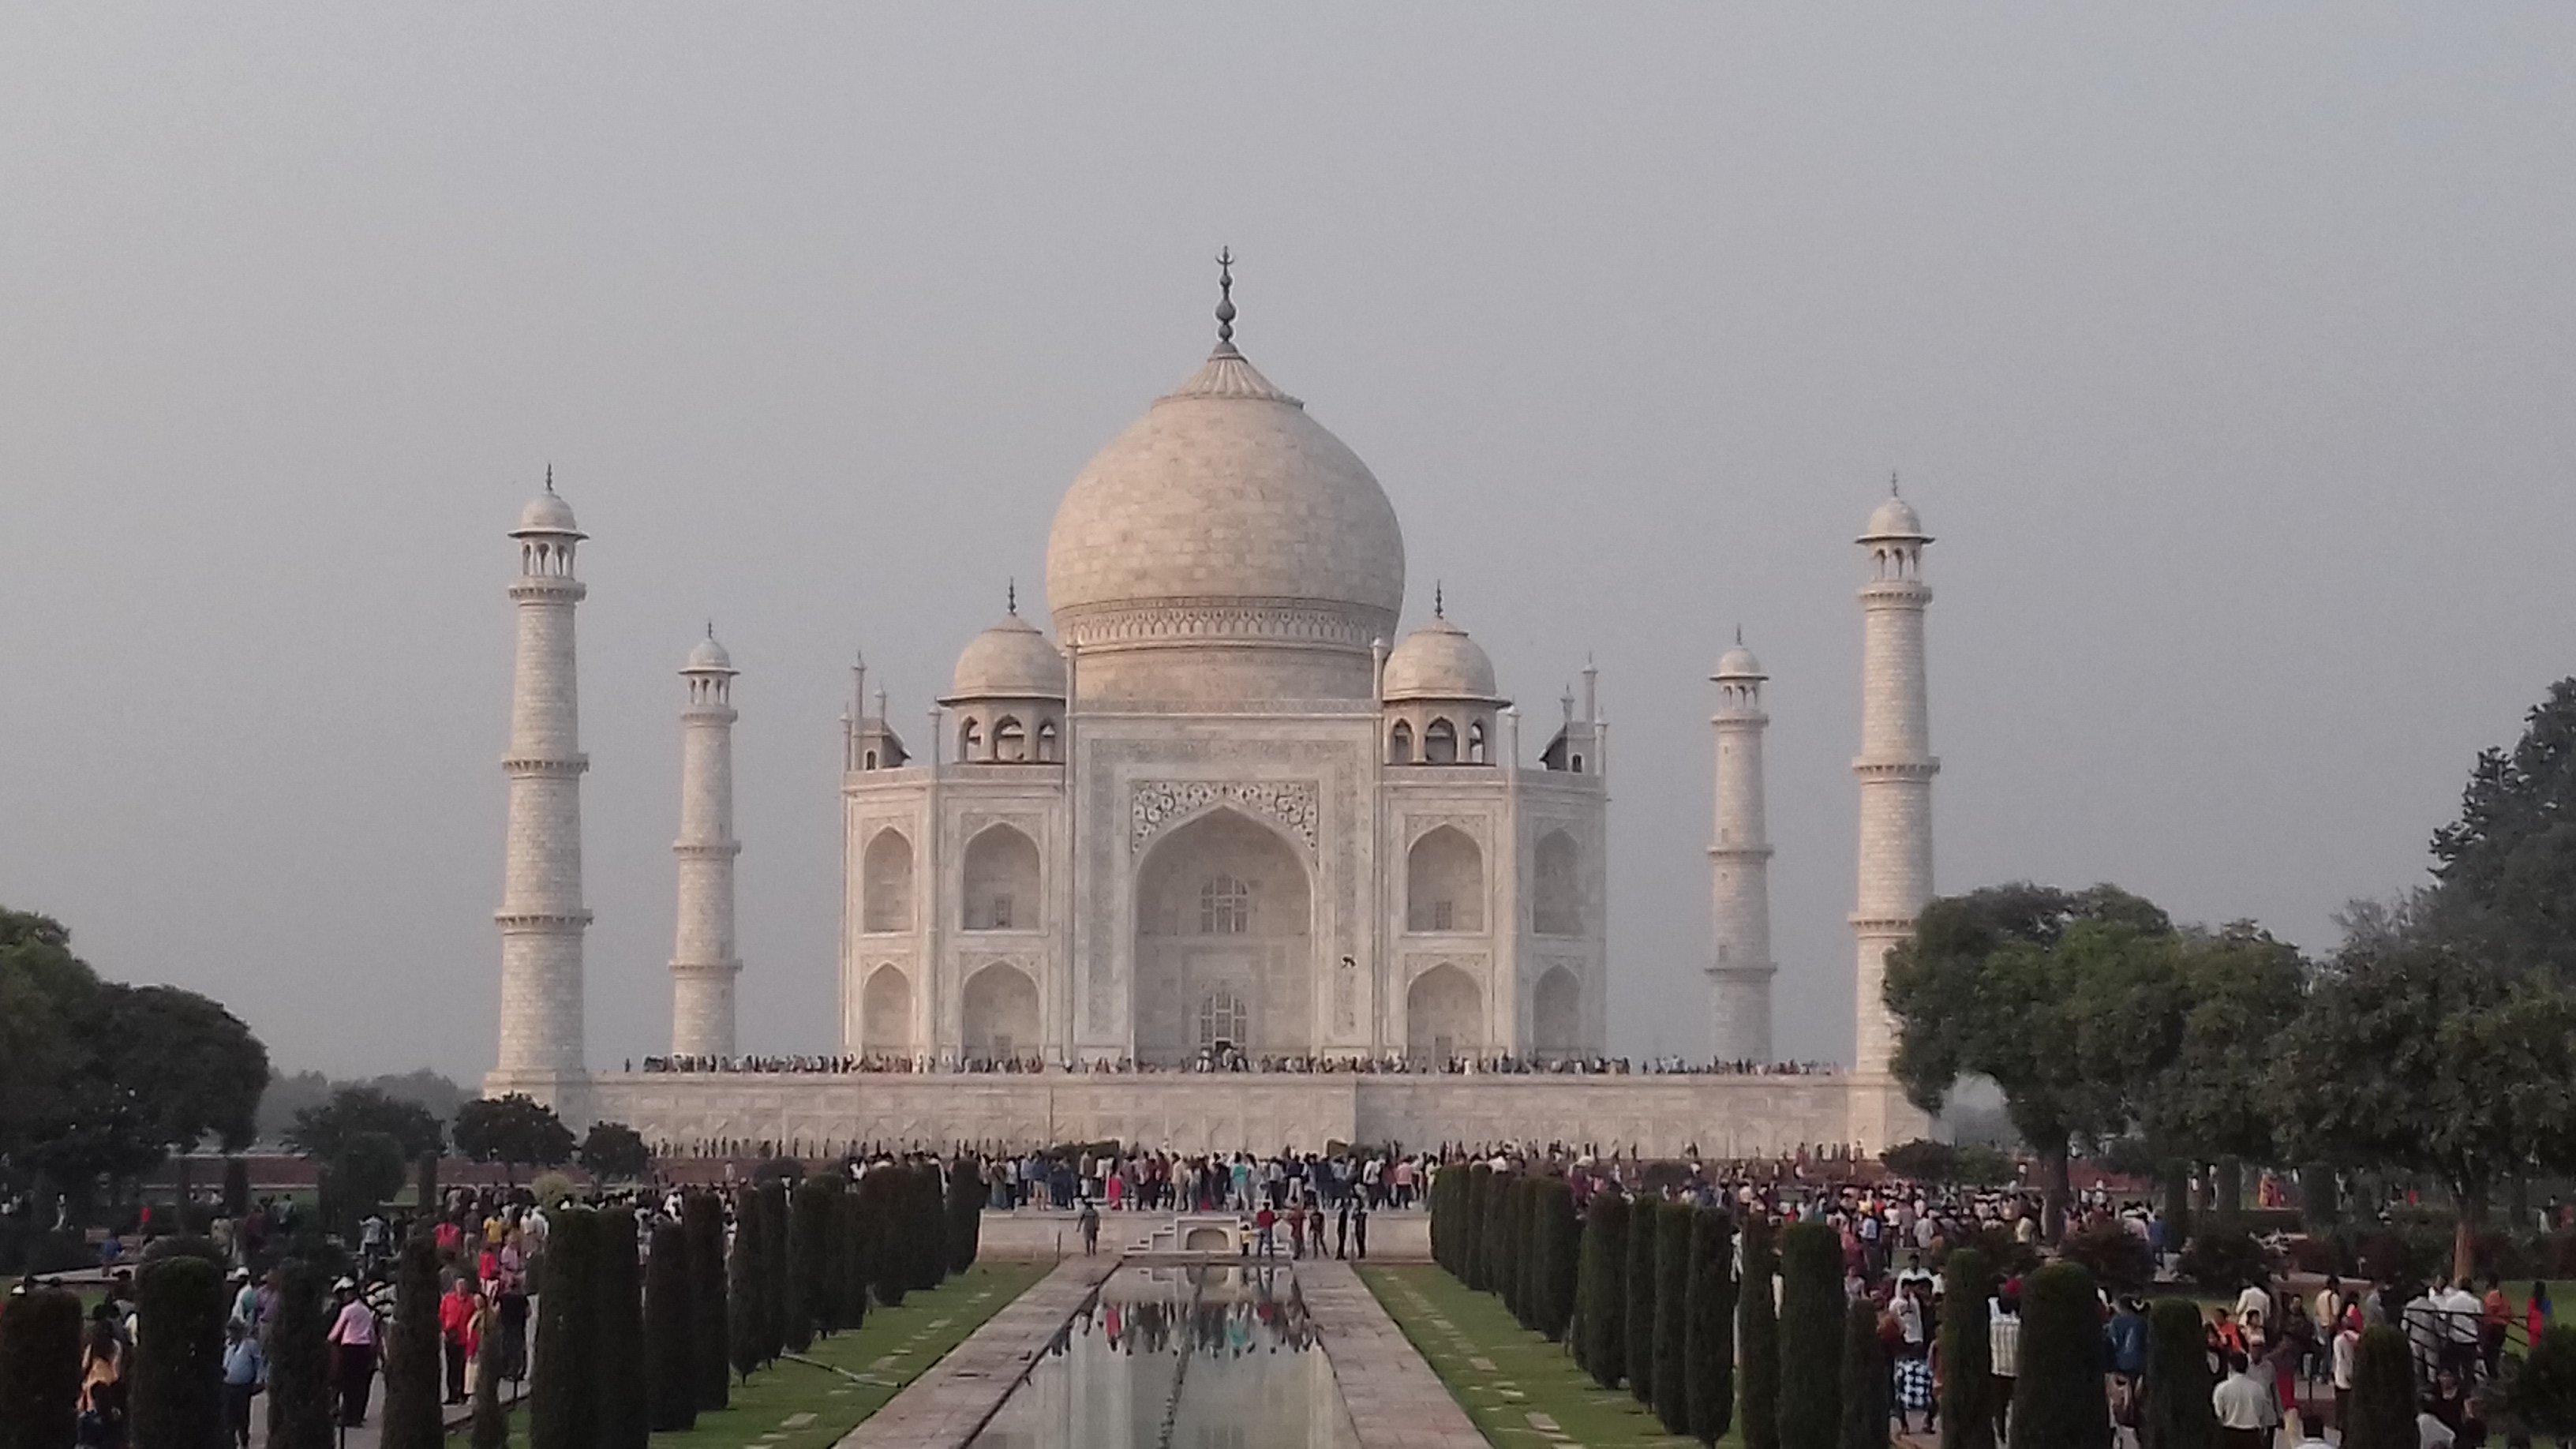 ताजमहल में बम होने की खबर,पर्यटकों को निकाला गया बाहर, फोन करने वाला युवक गिरफ्तार